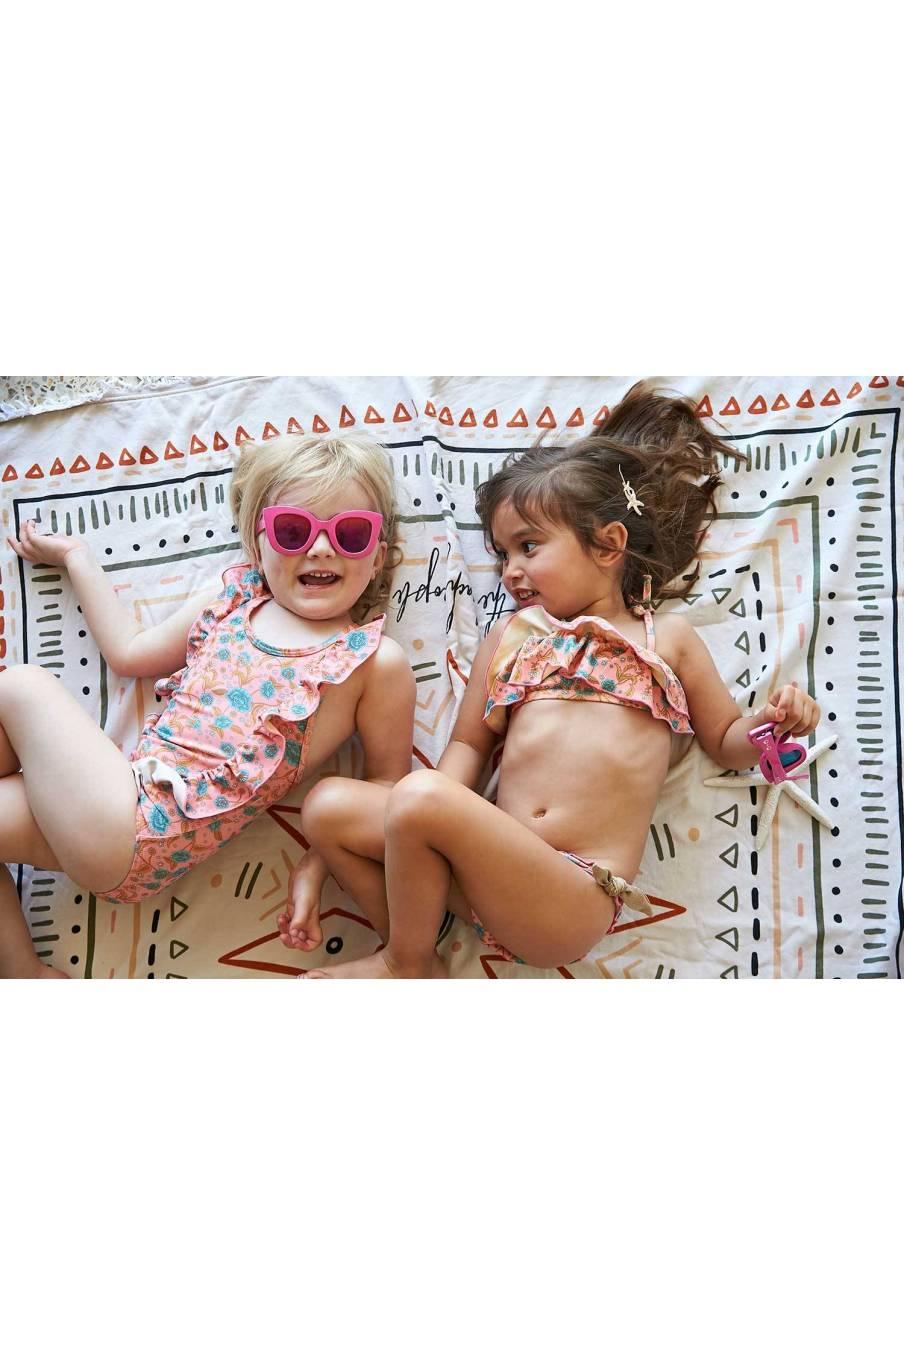 bathing suit bohème chic vintage  bebe fille fleurie mosillos